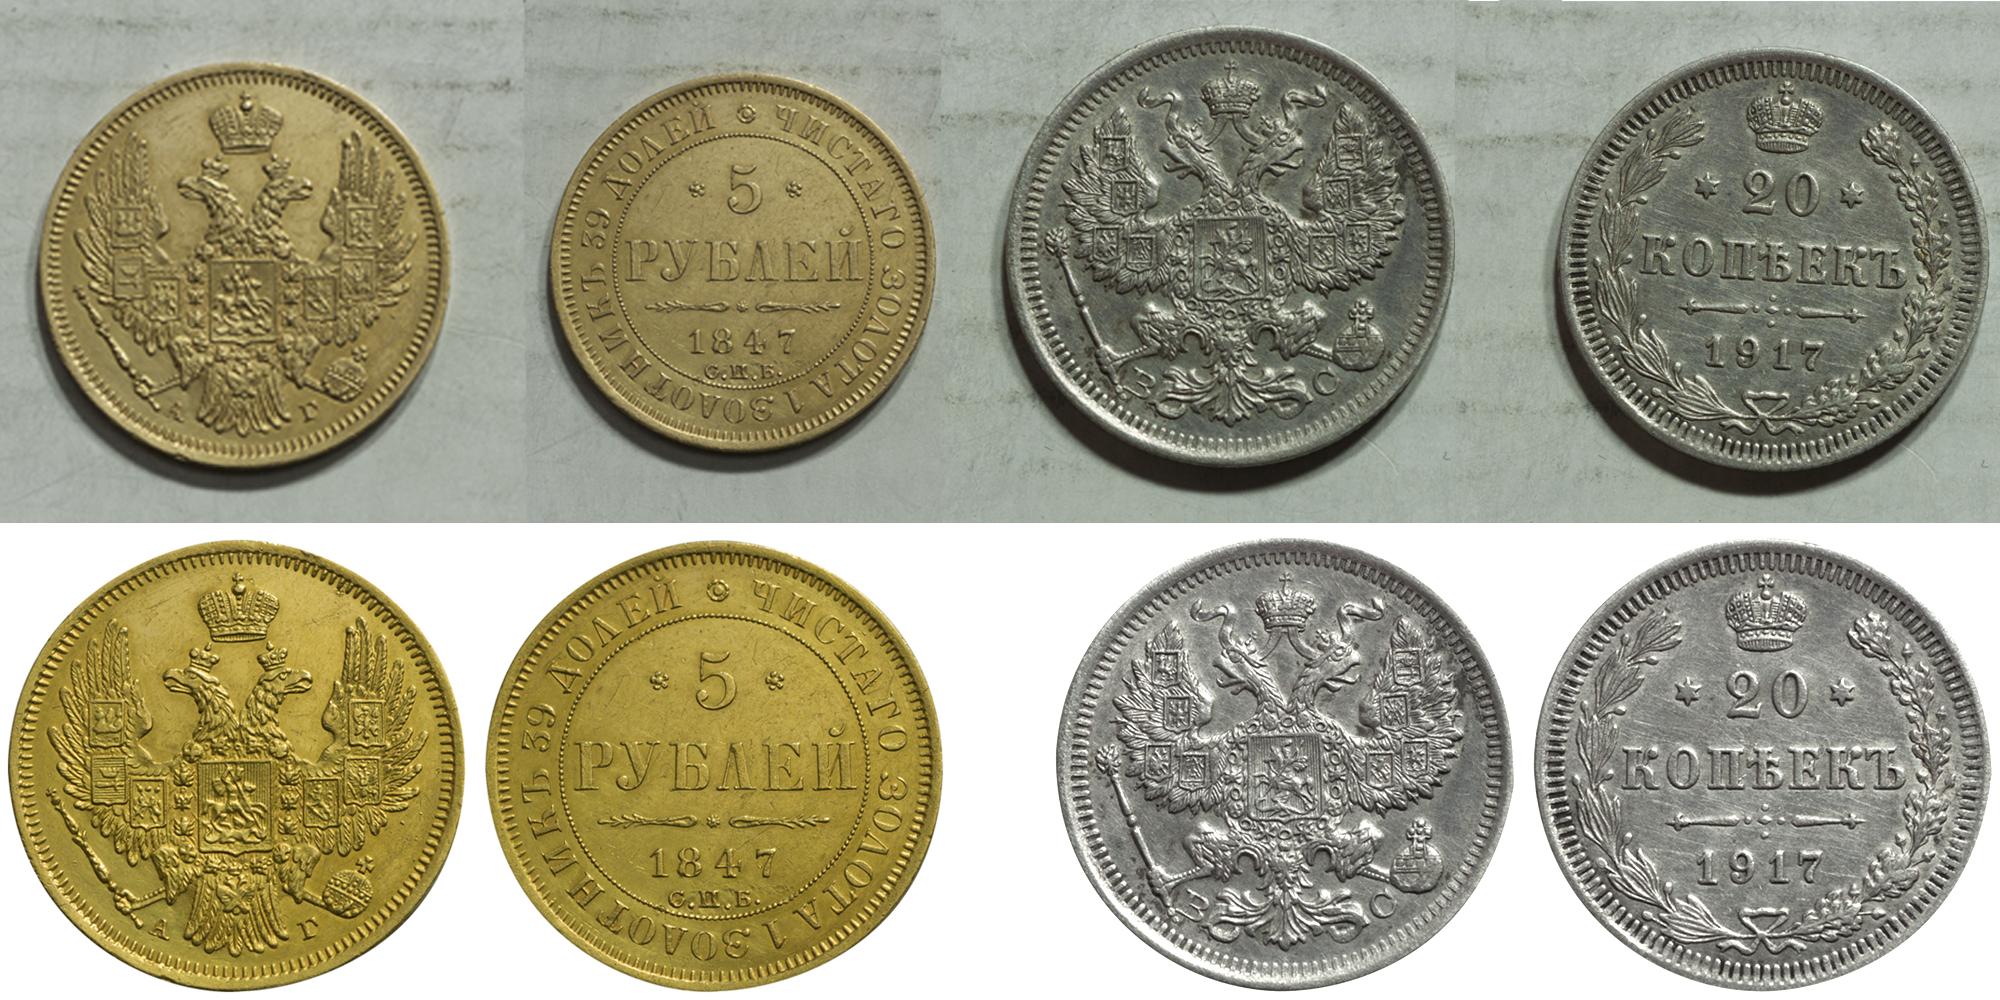 Обработка монет продажа монет в пскове